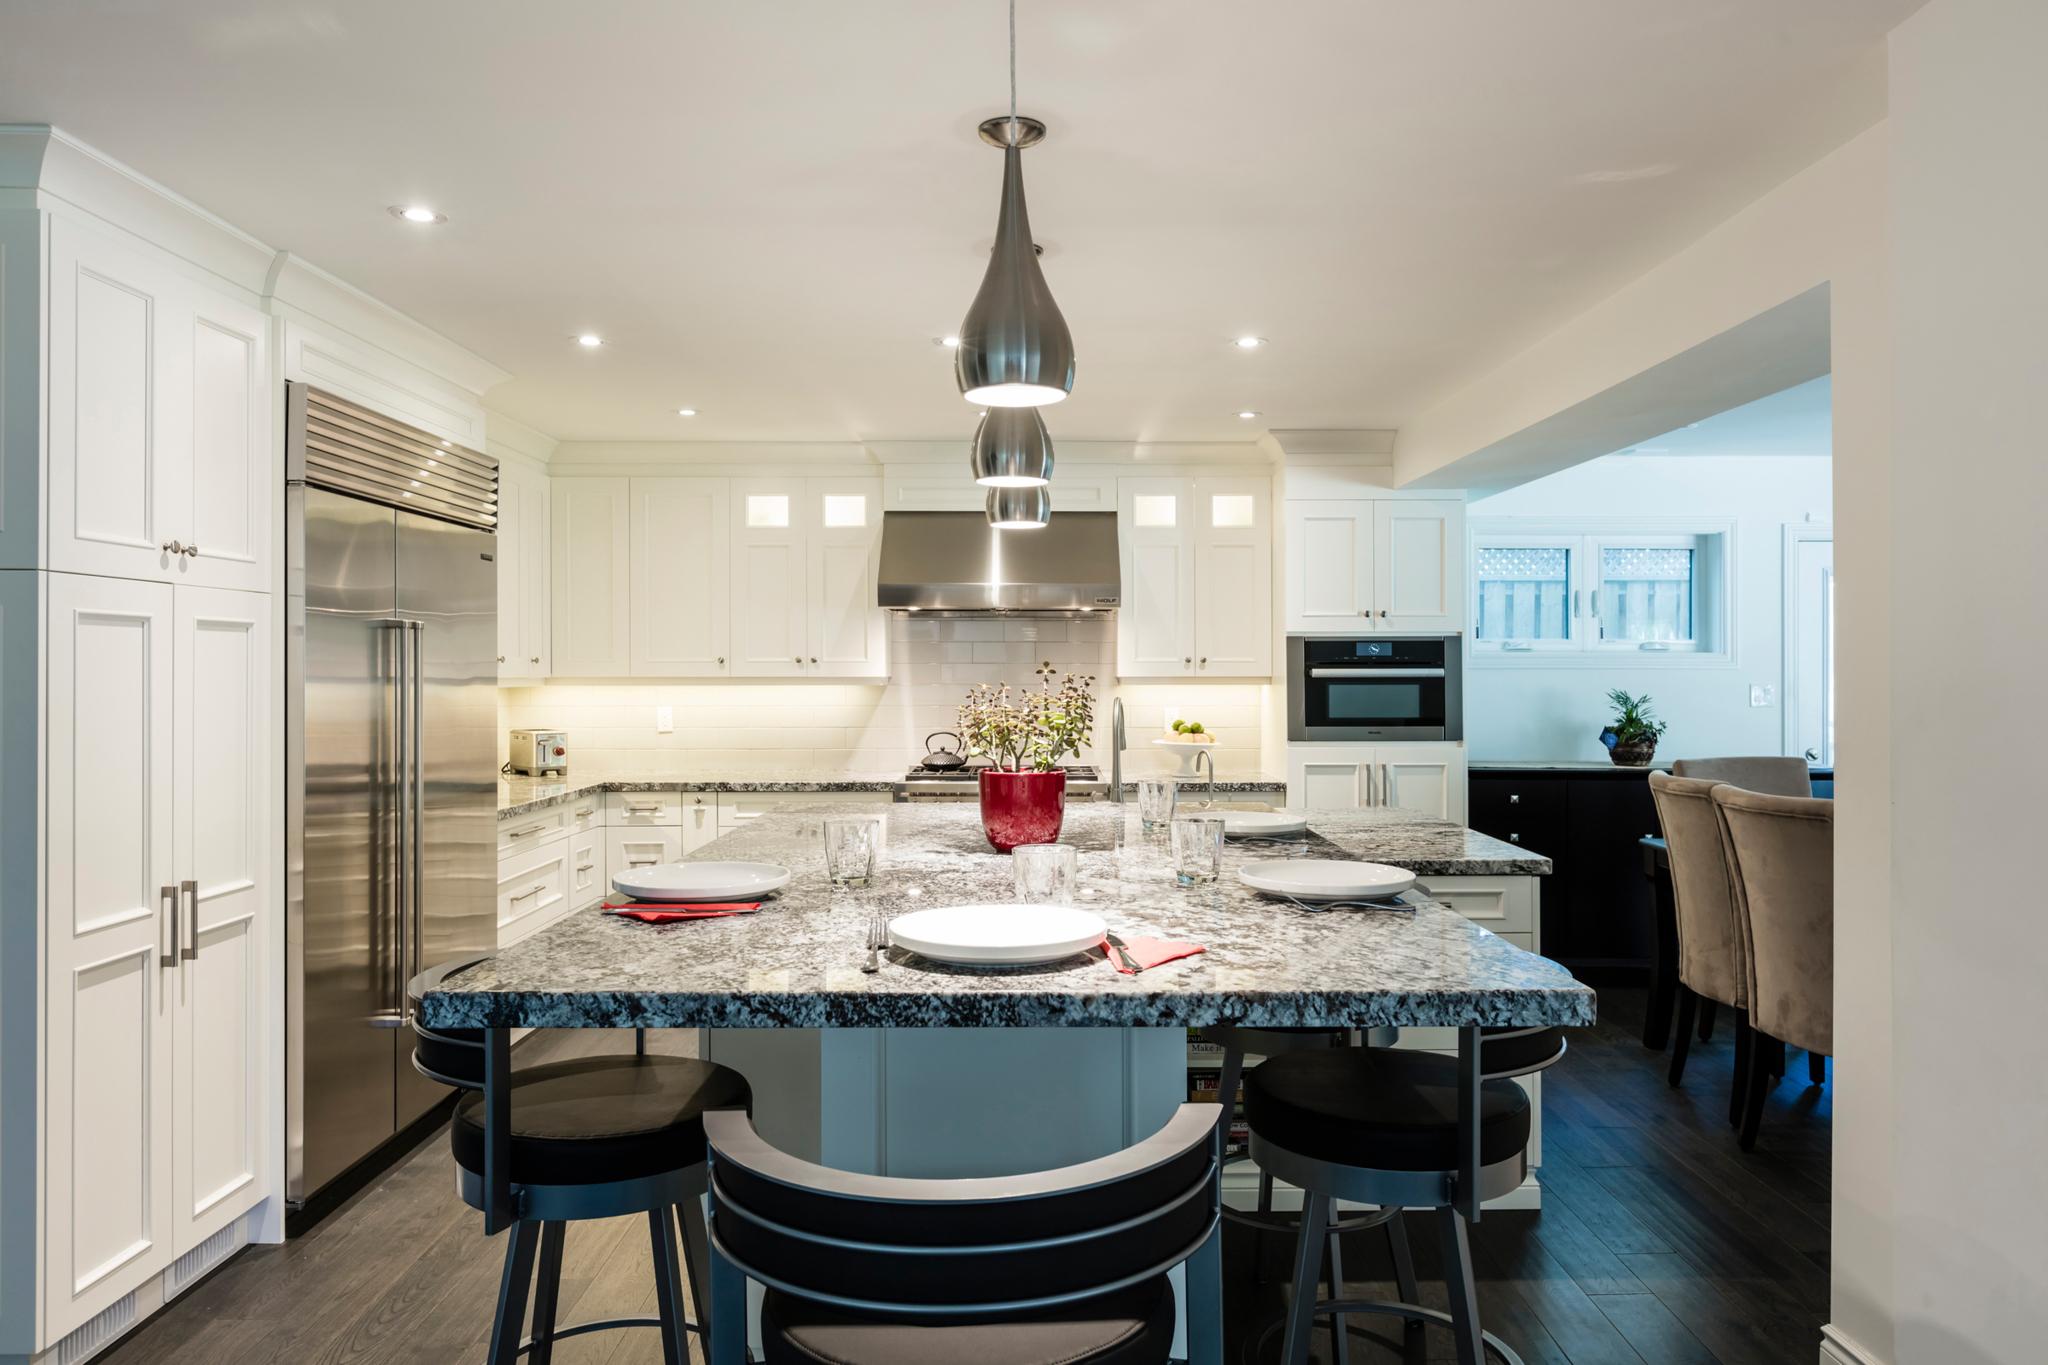 Bayview Kitchen Design Inc North York On Ourbis